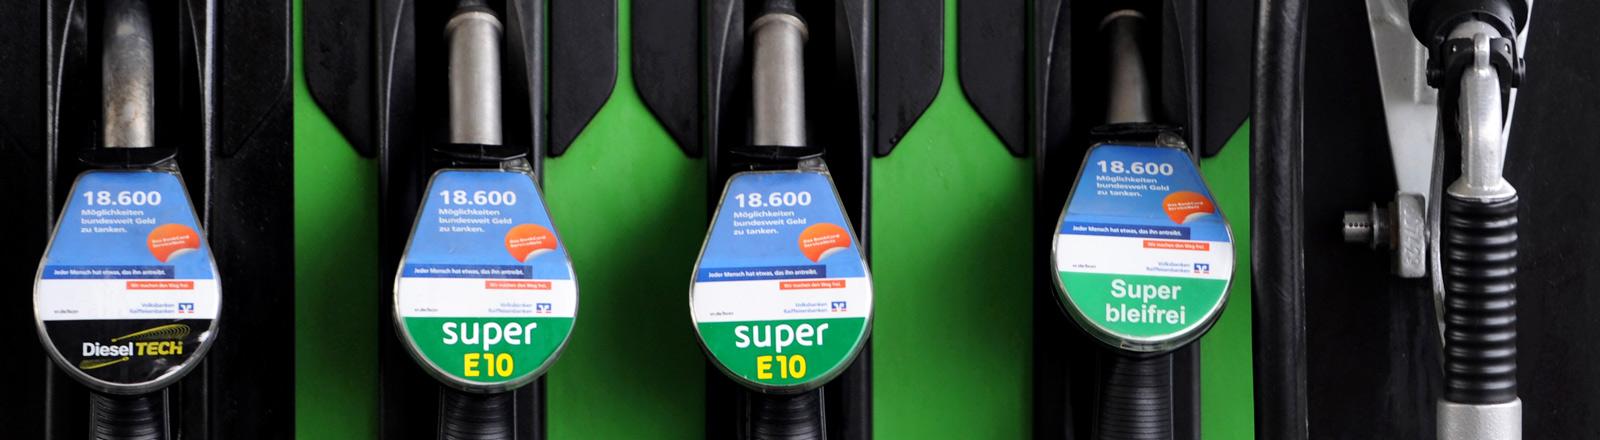 Zapfsäule mit Bio-Diesel